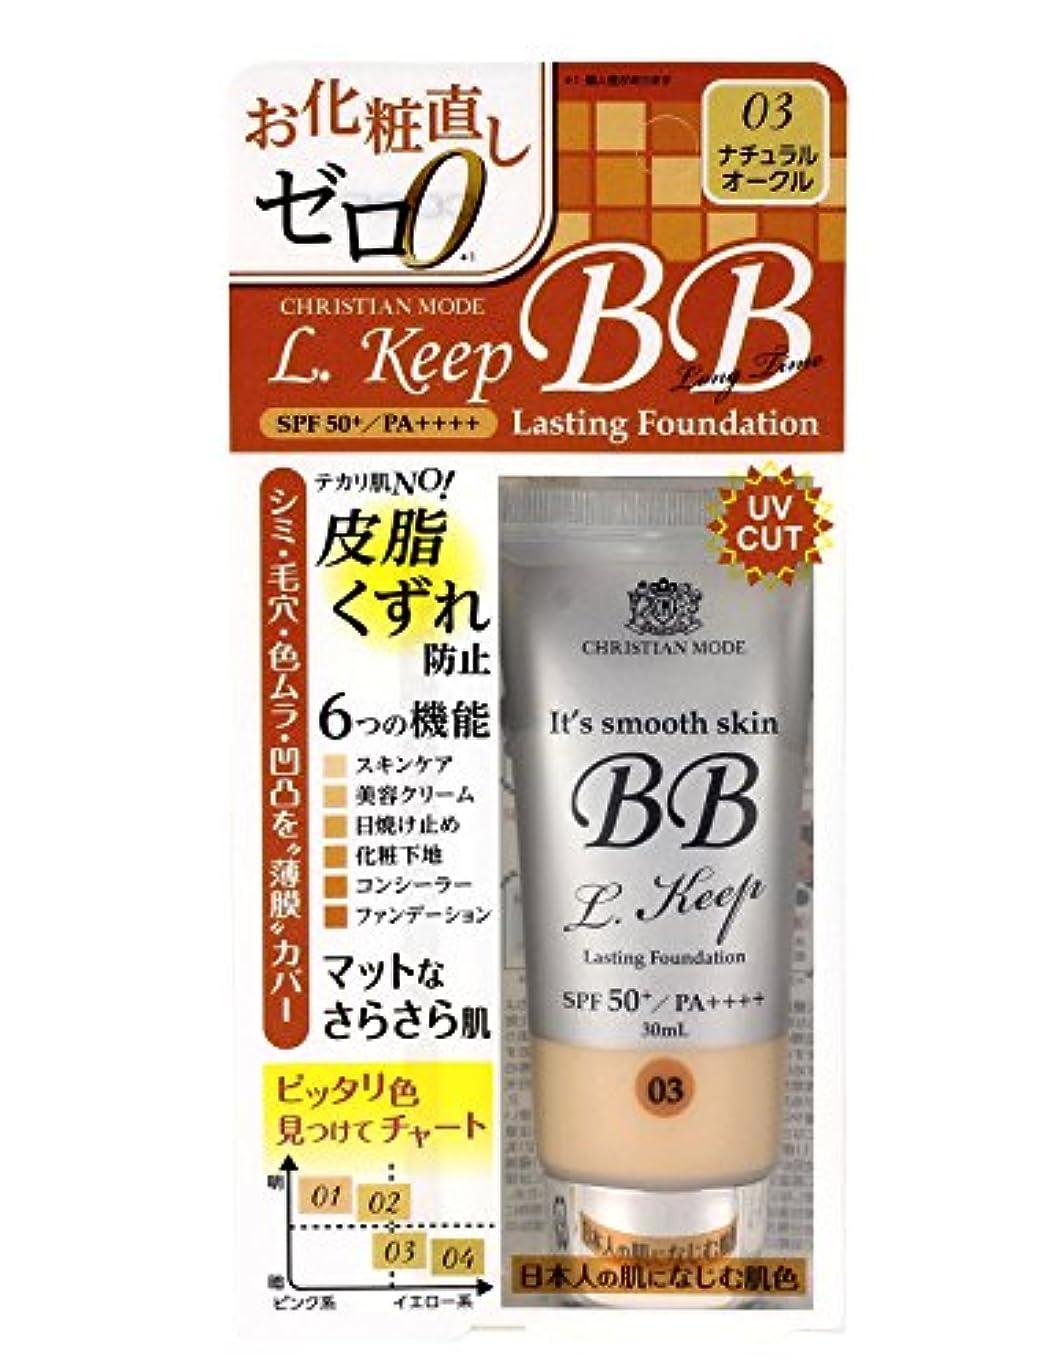 保持チーズカウボーイクリスチャンモード ロングキープBBクリーム UV ナチュラルオークル